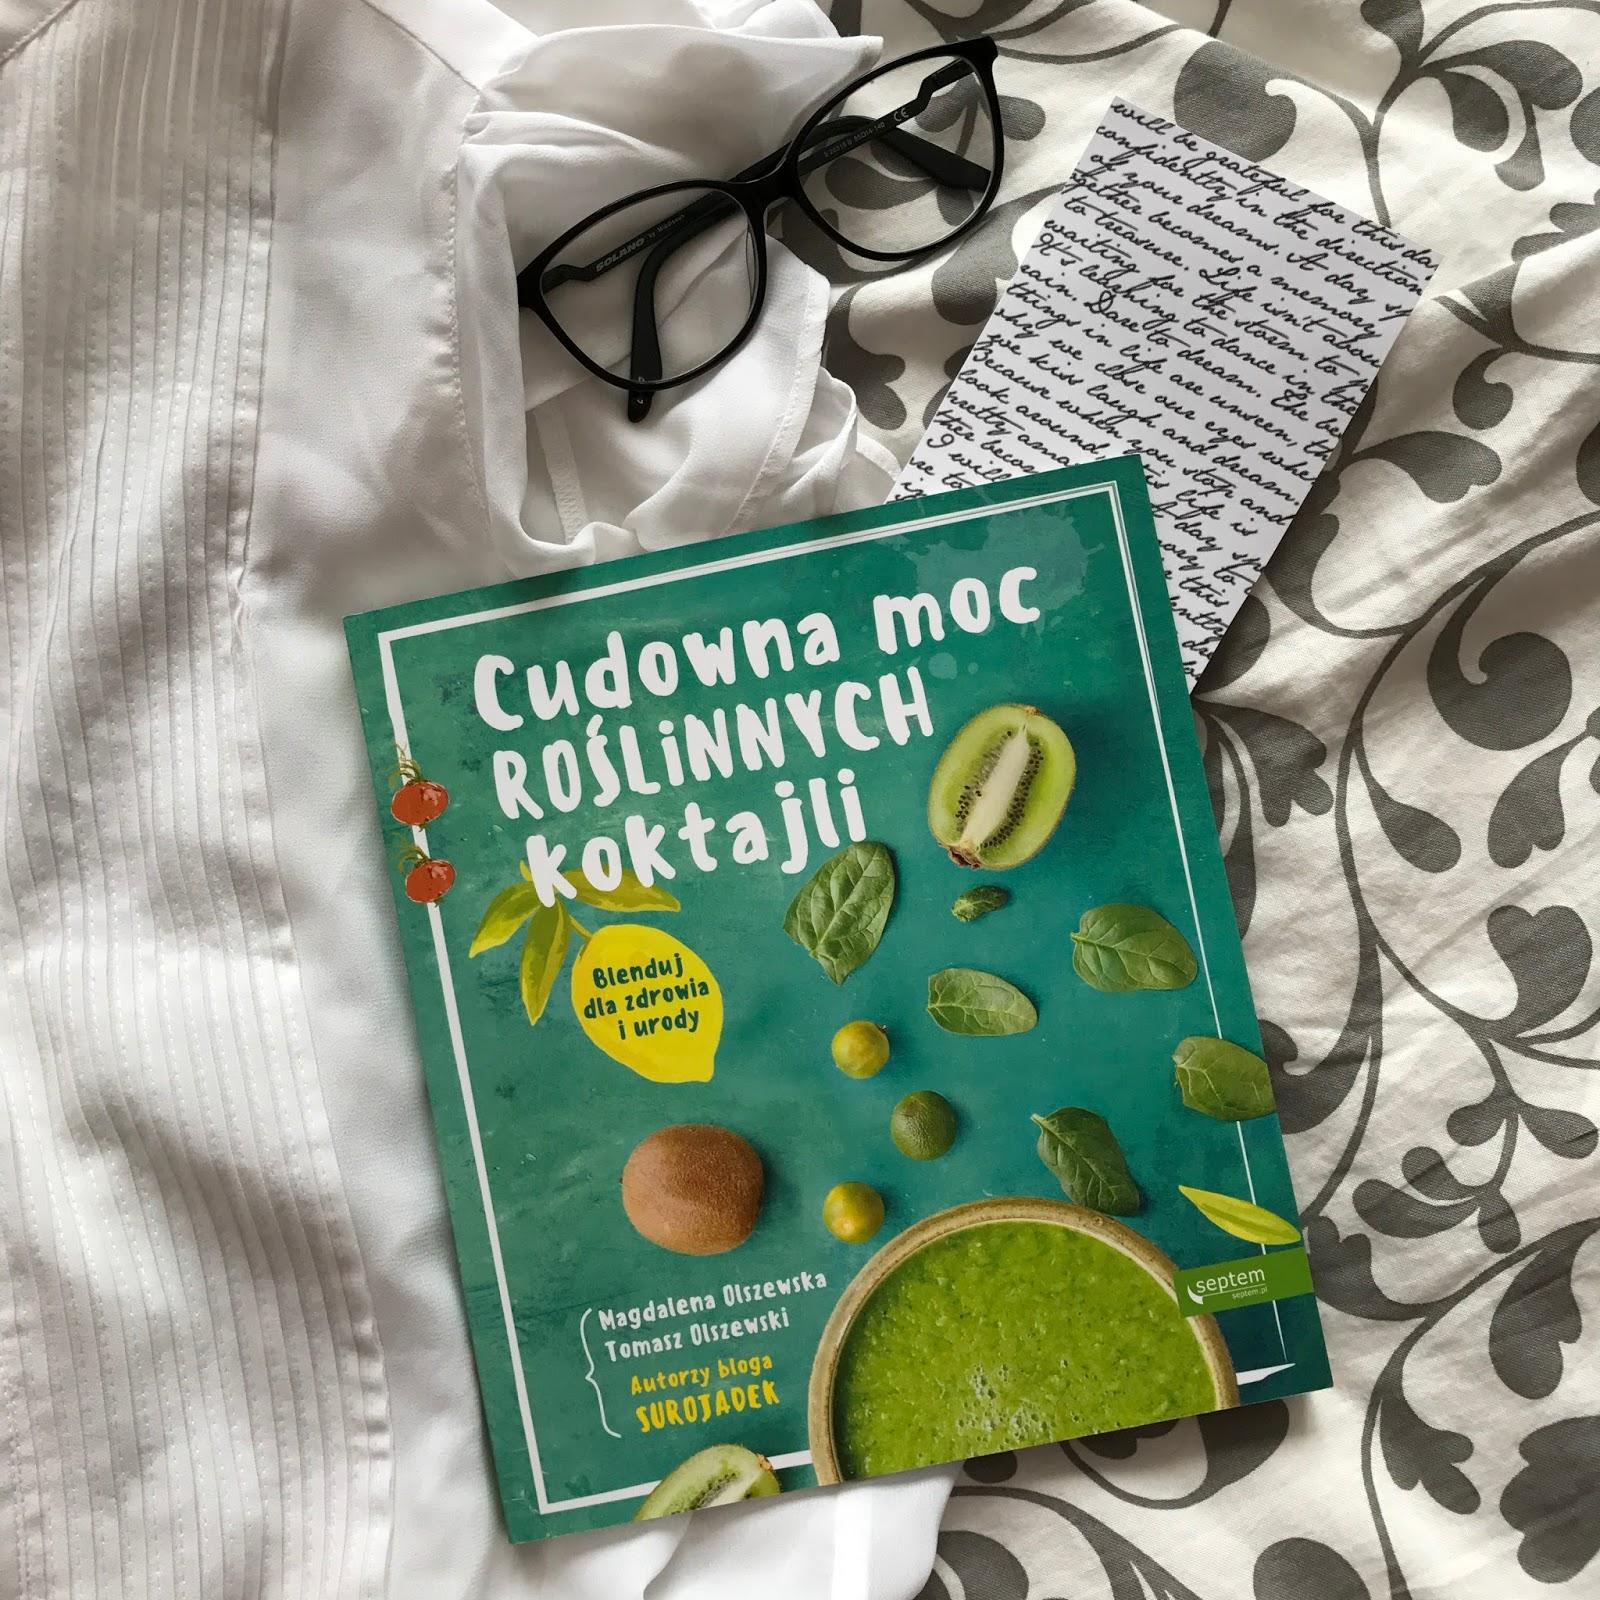 Magdalena Olszewska, Tomasz Olszewski, Cudowna moc roślinnych koktajli